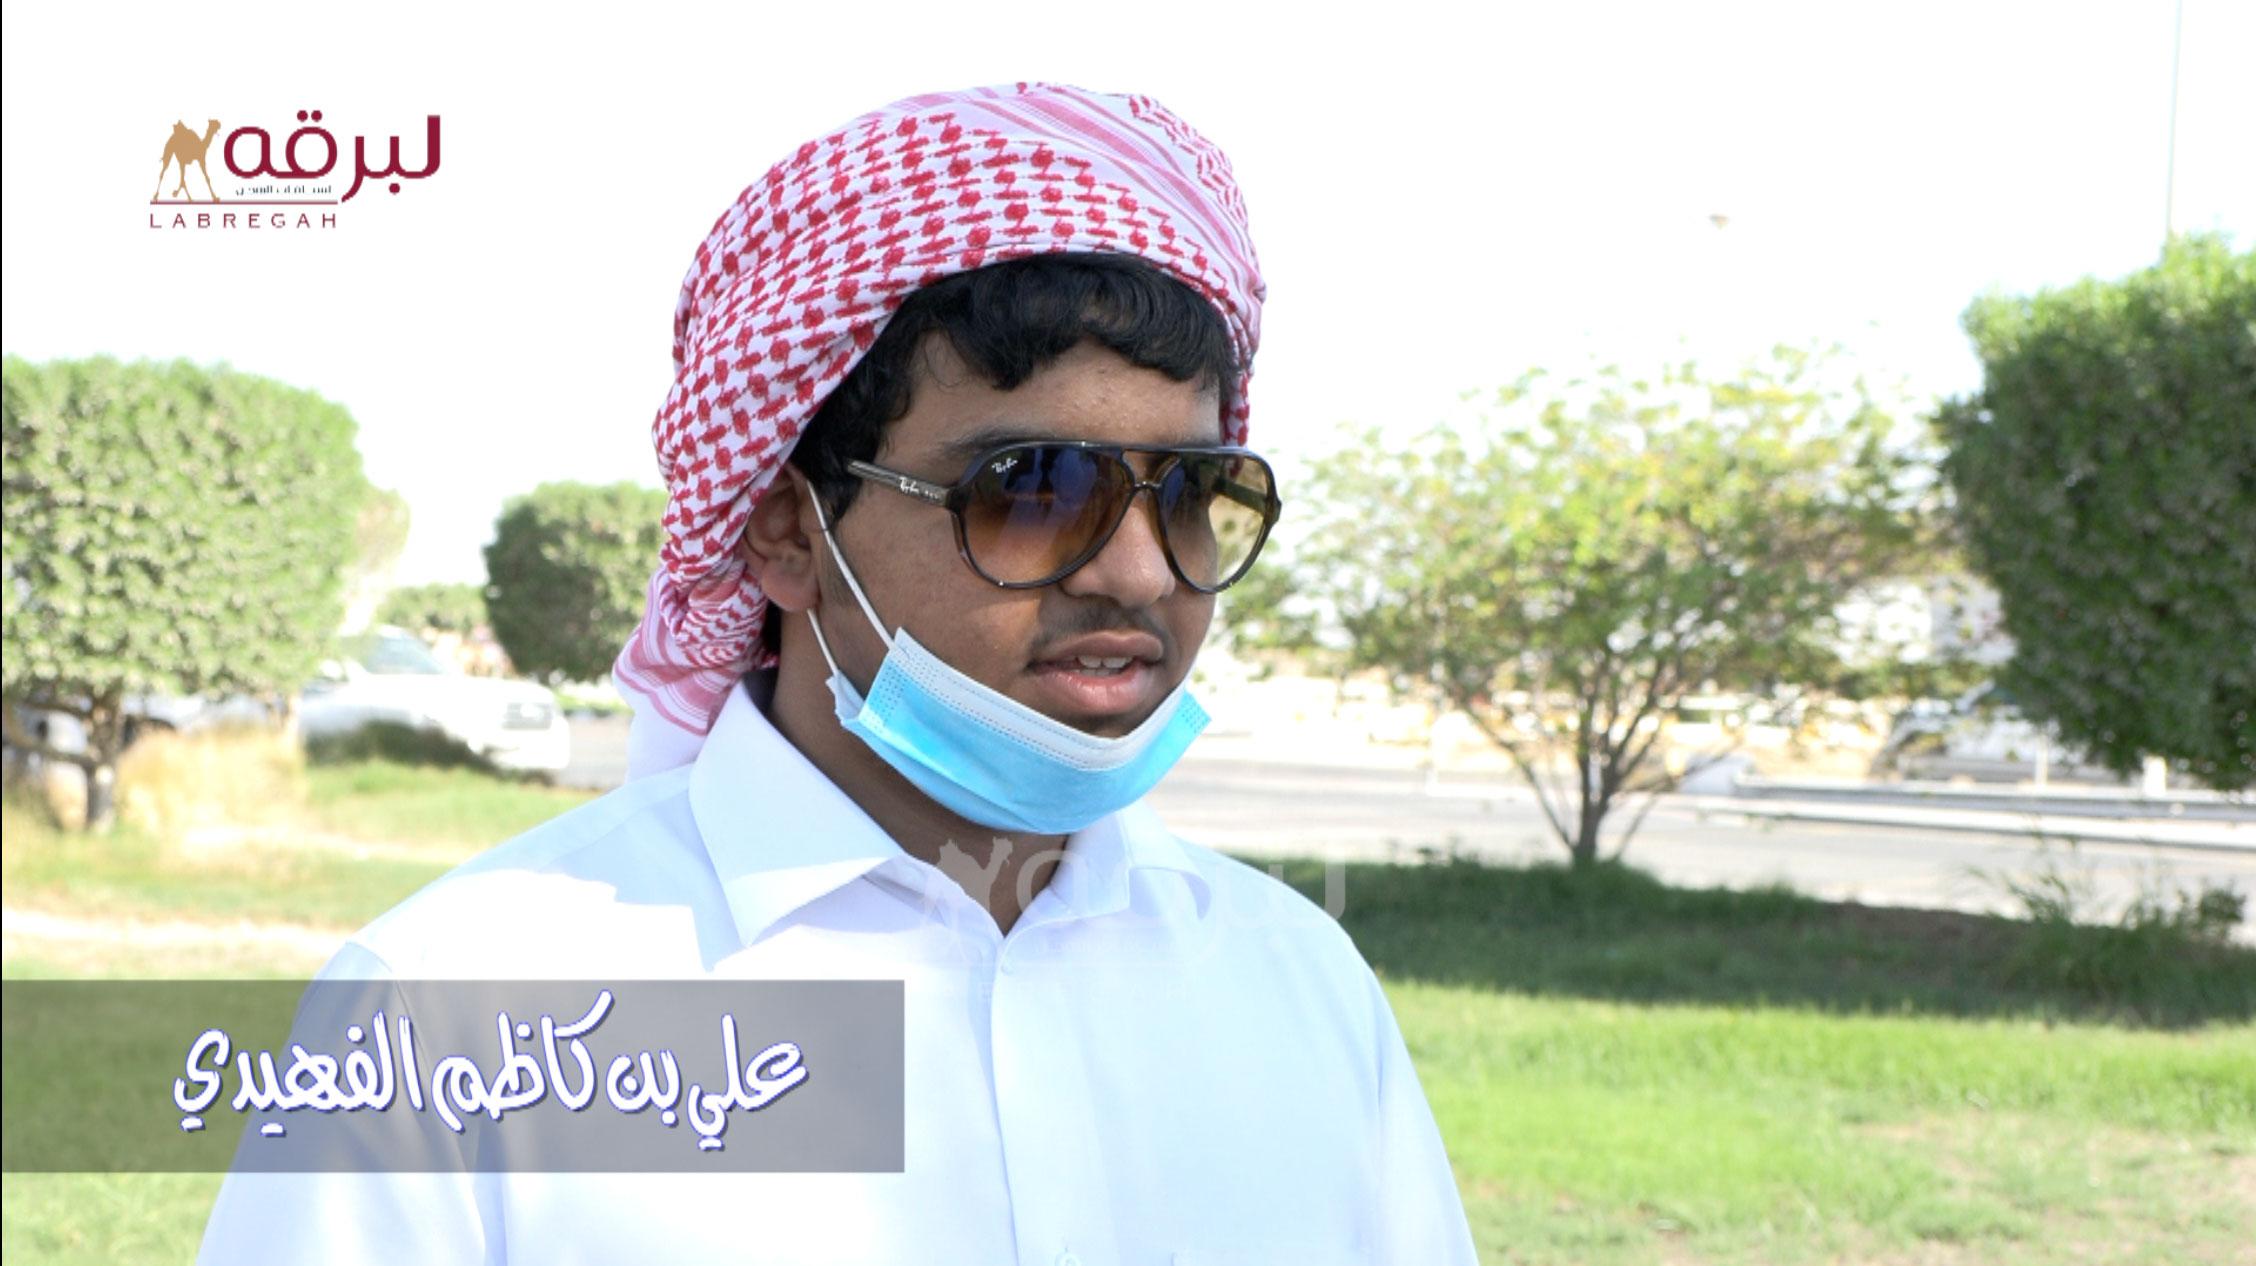 لقاء مع علي بن كاظم الفهيدي.. الشوط الرئيسي للثنايا قعدان (مفتوح) ميدان الشحانية ٢٤-٩-٢٠٢١